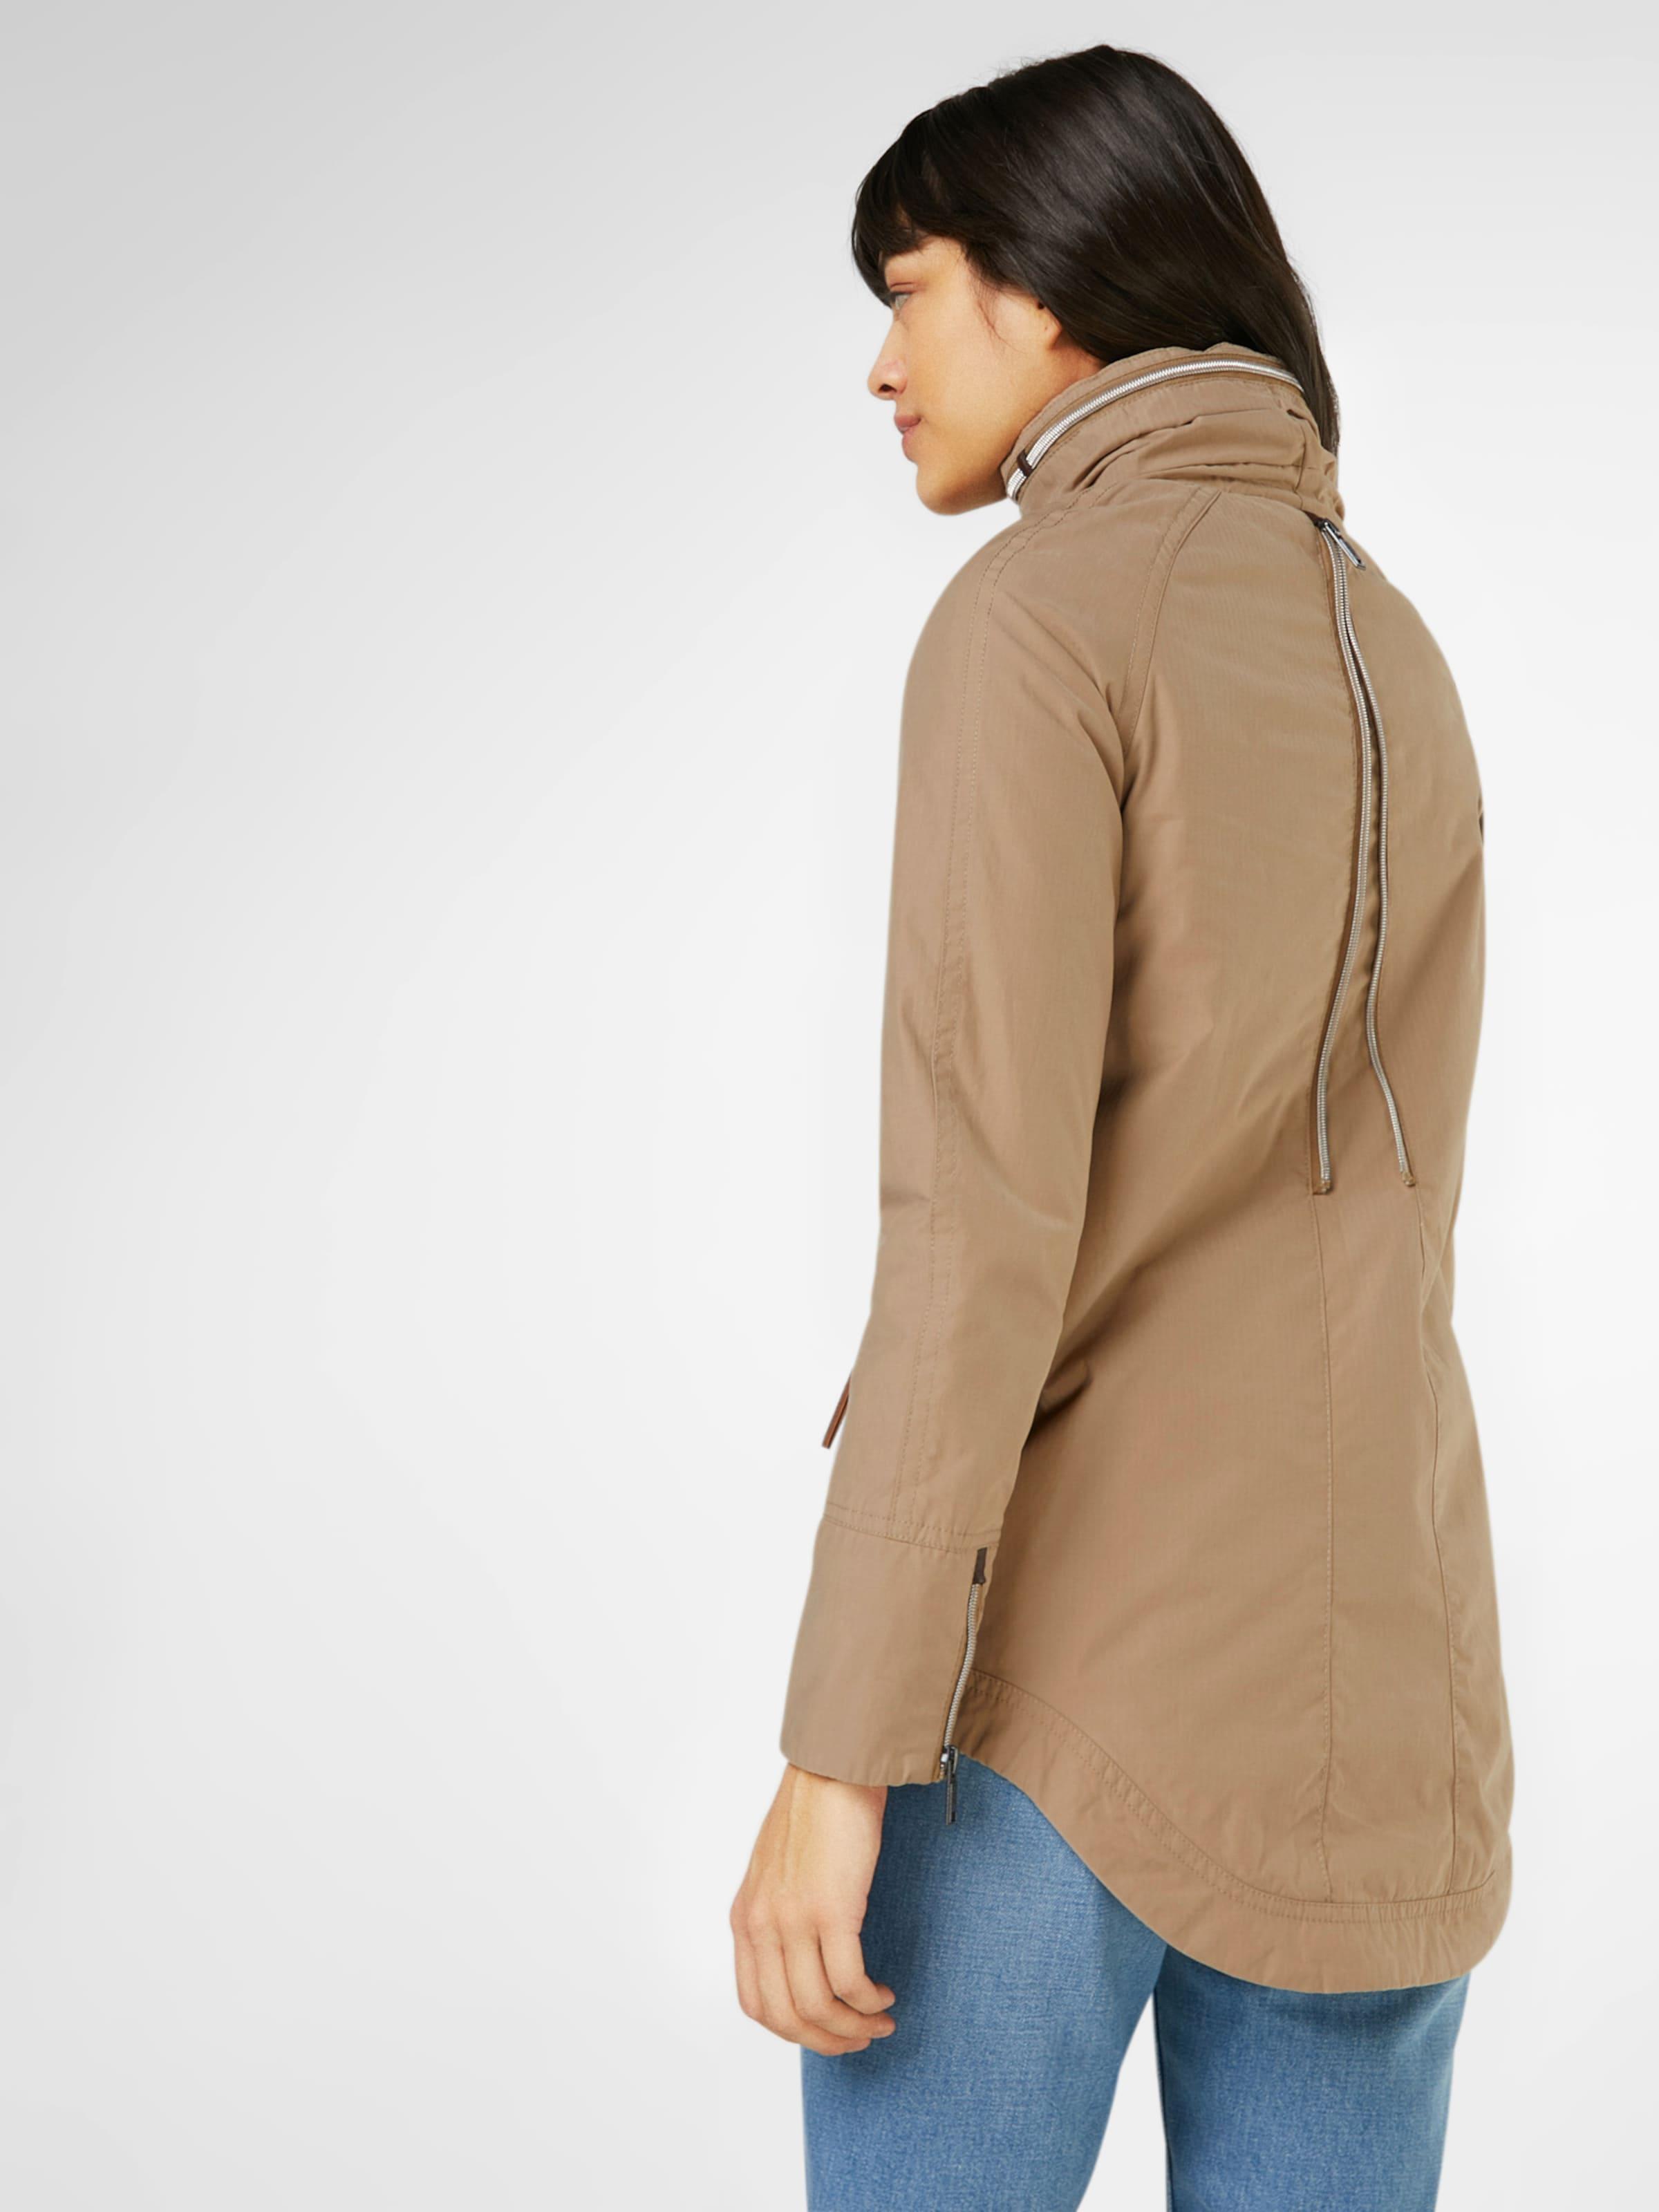 Rabatt Kaufen Rabatt Manchester Großer Verkauf naketano Jacke Billiger Preis Billig Verkaufen Viele Arten Von vZQxnyF0Z